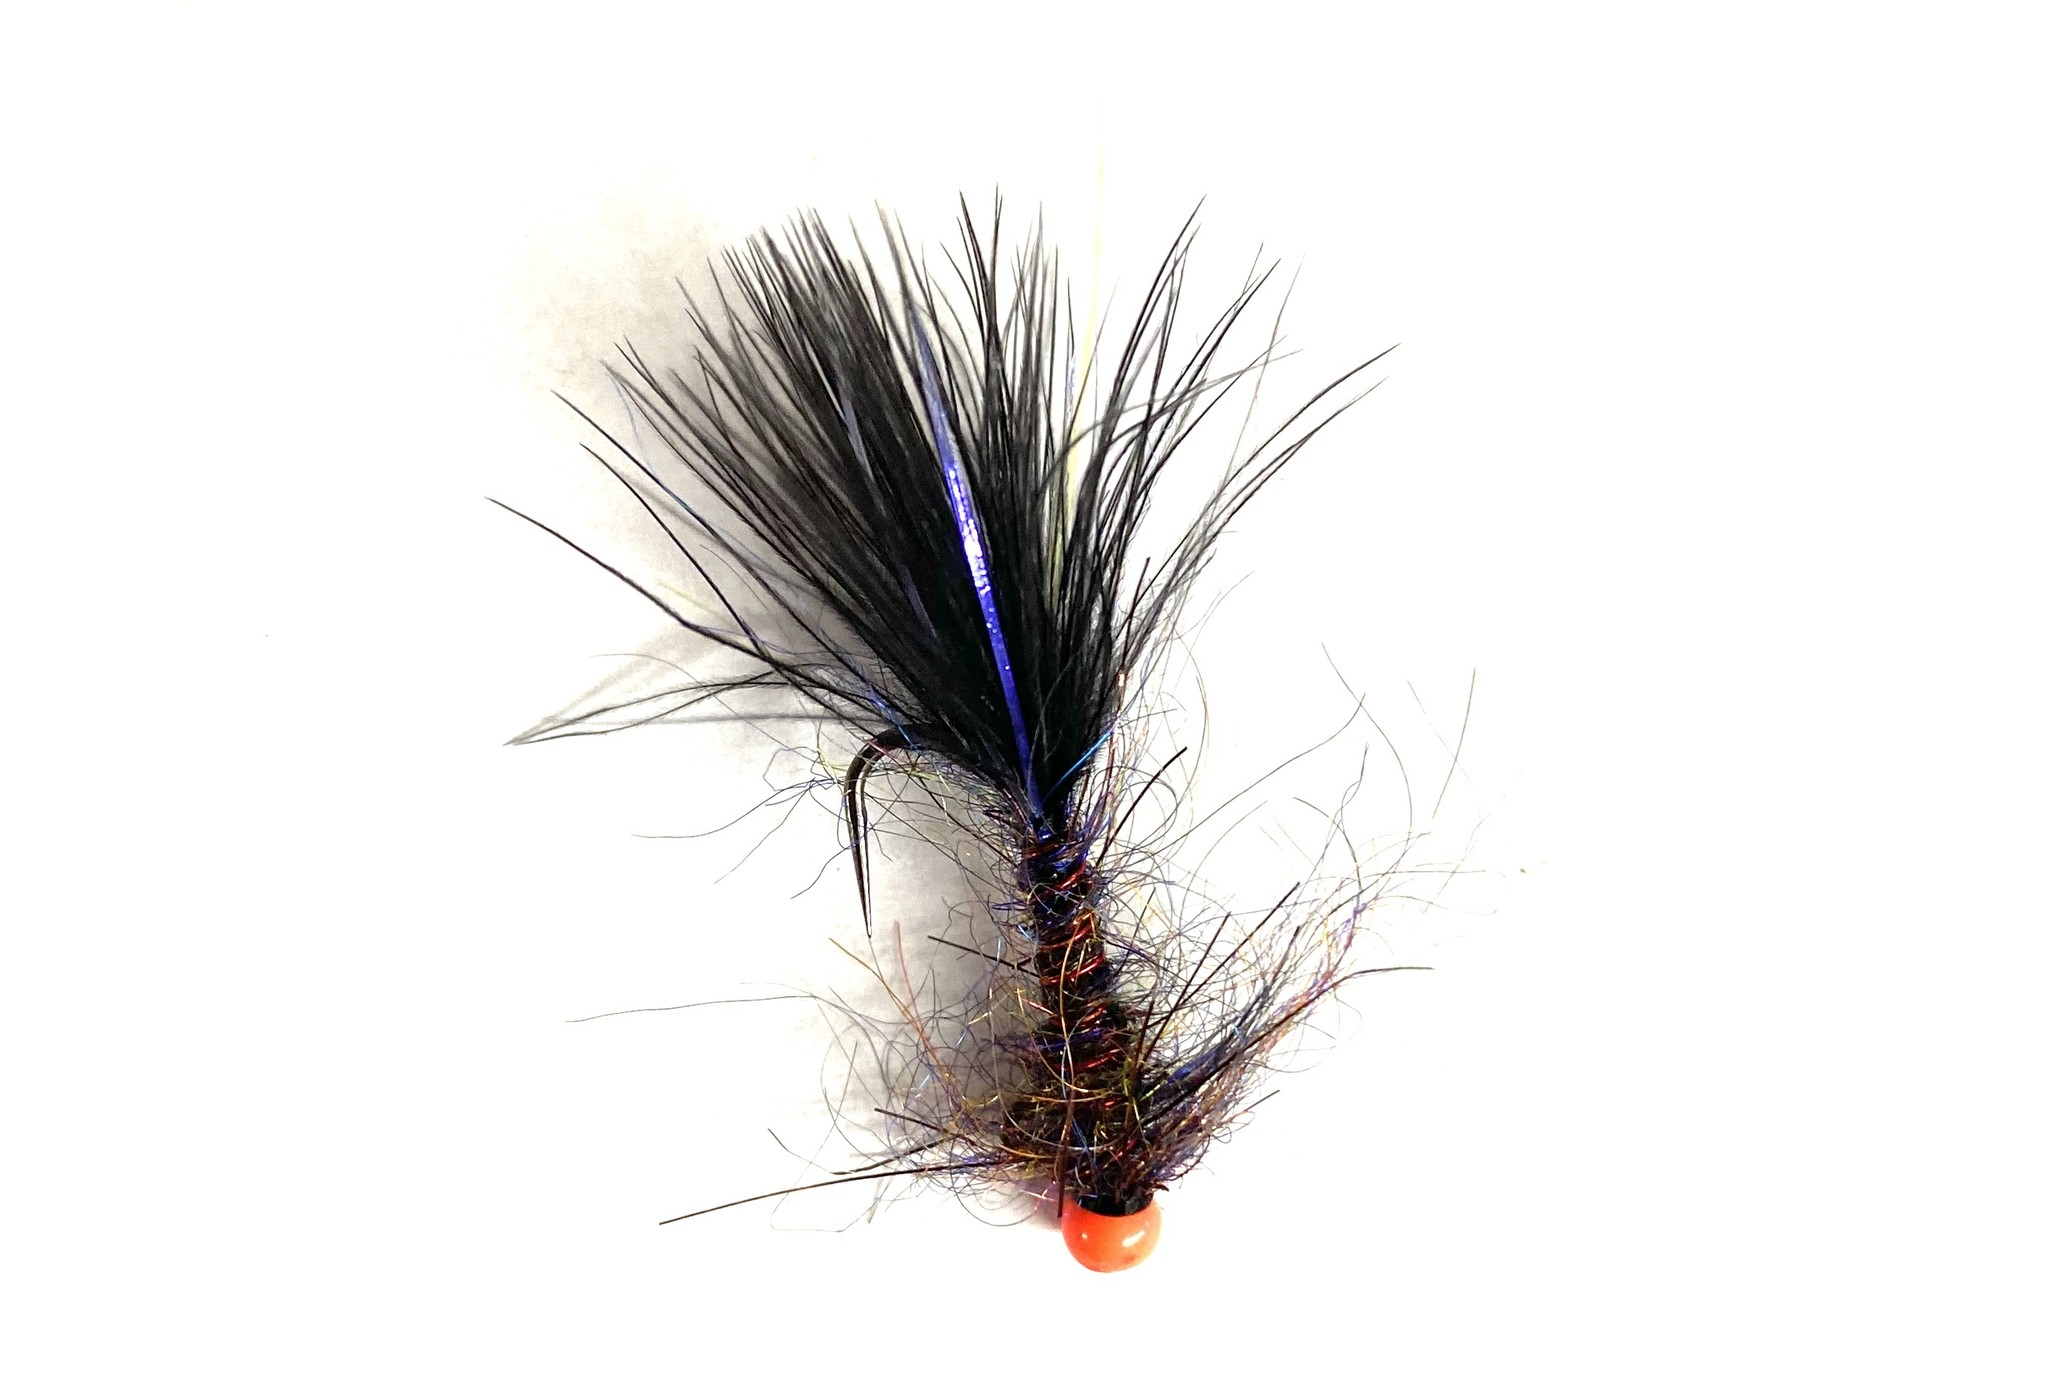 Montana Fly Company Rowley's Balanced Leech